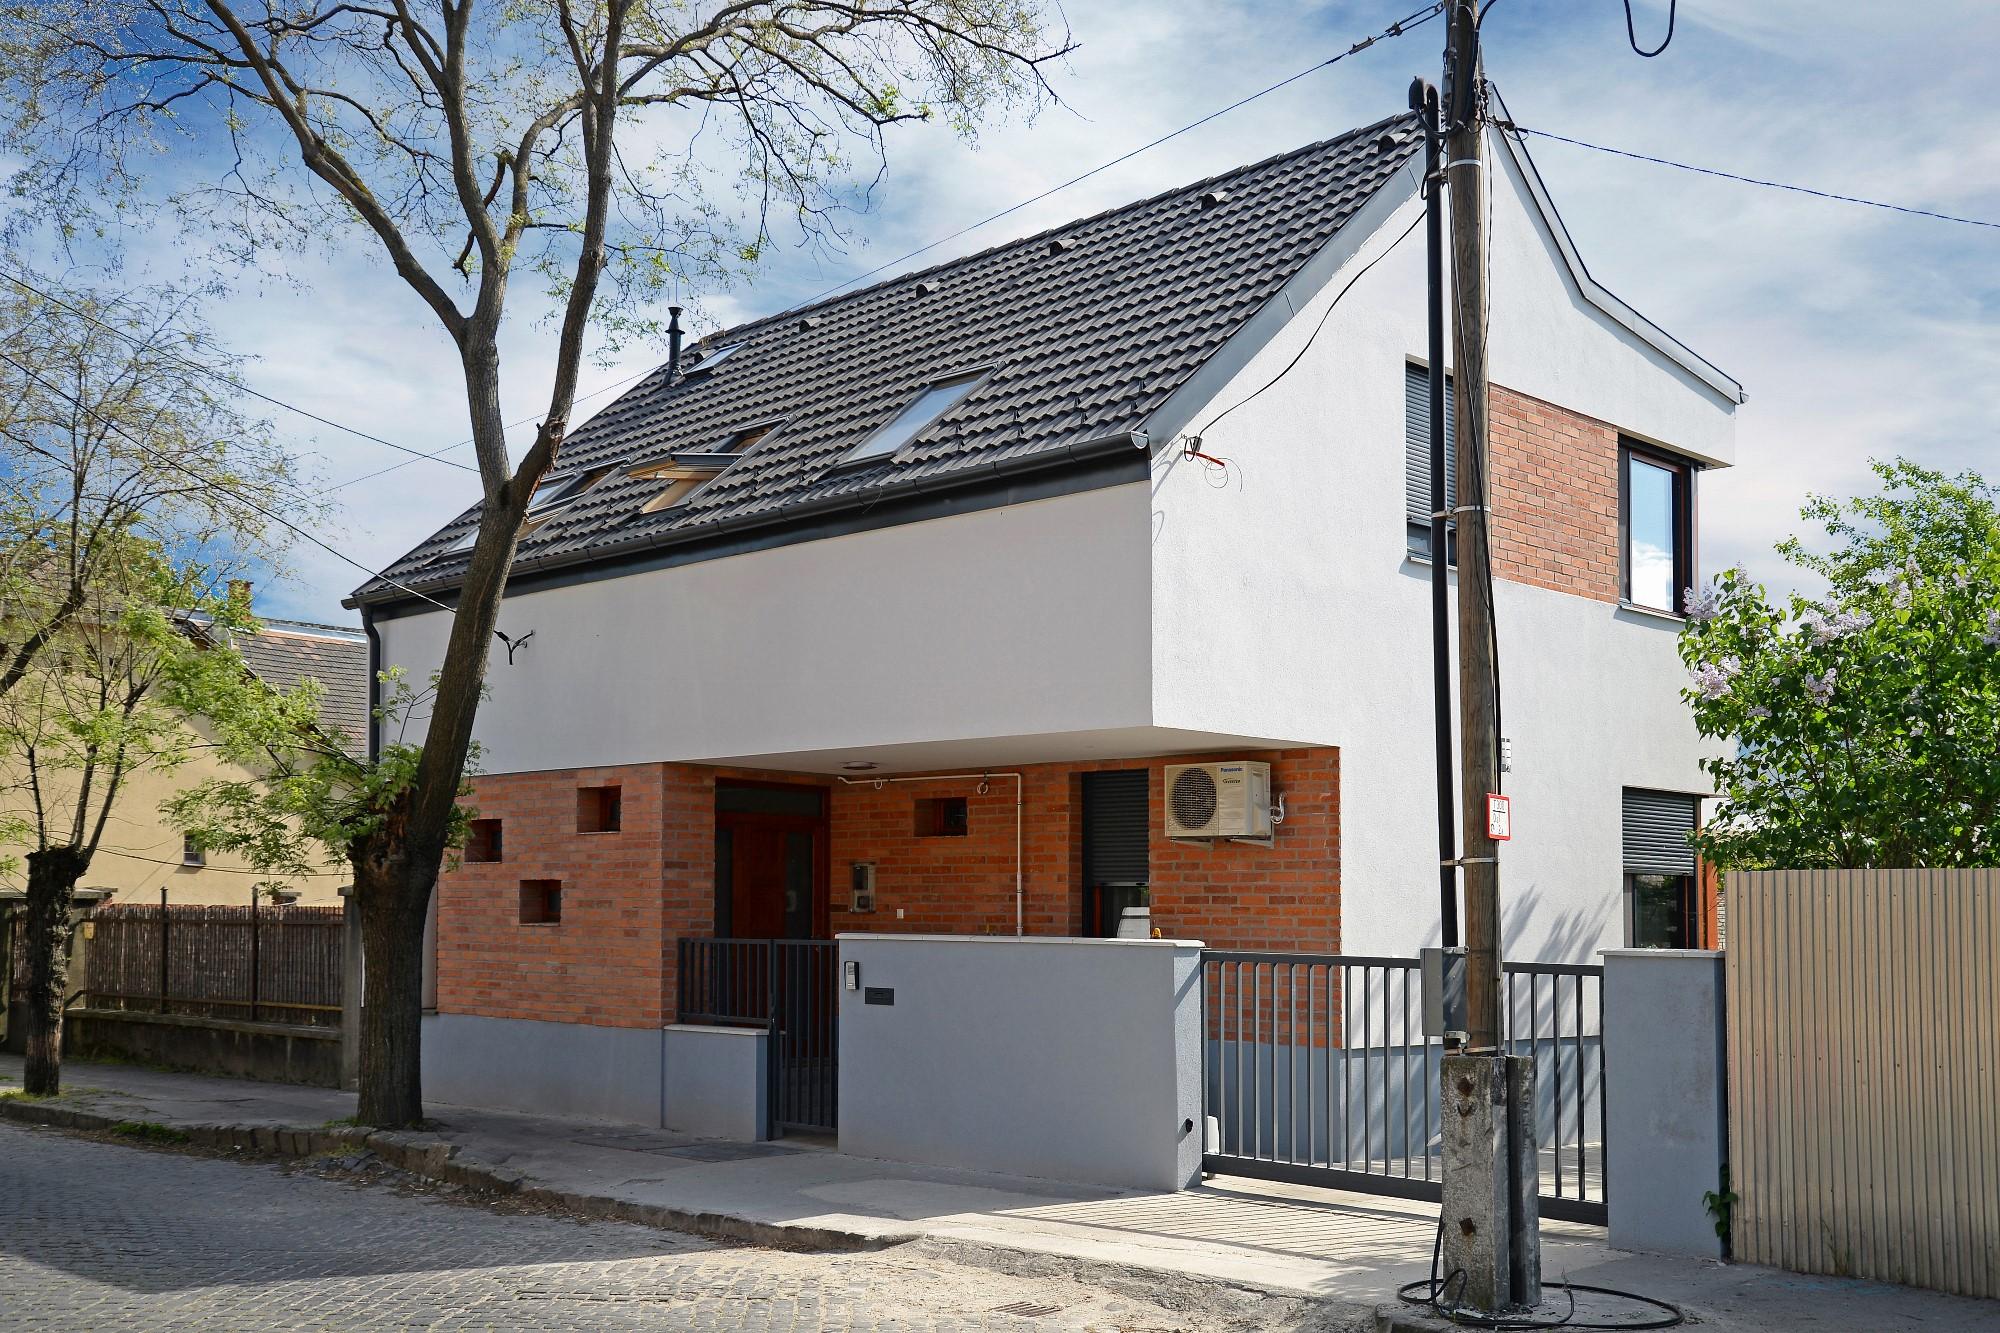 Budapest IV. kerület - Családi ház 168 m2